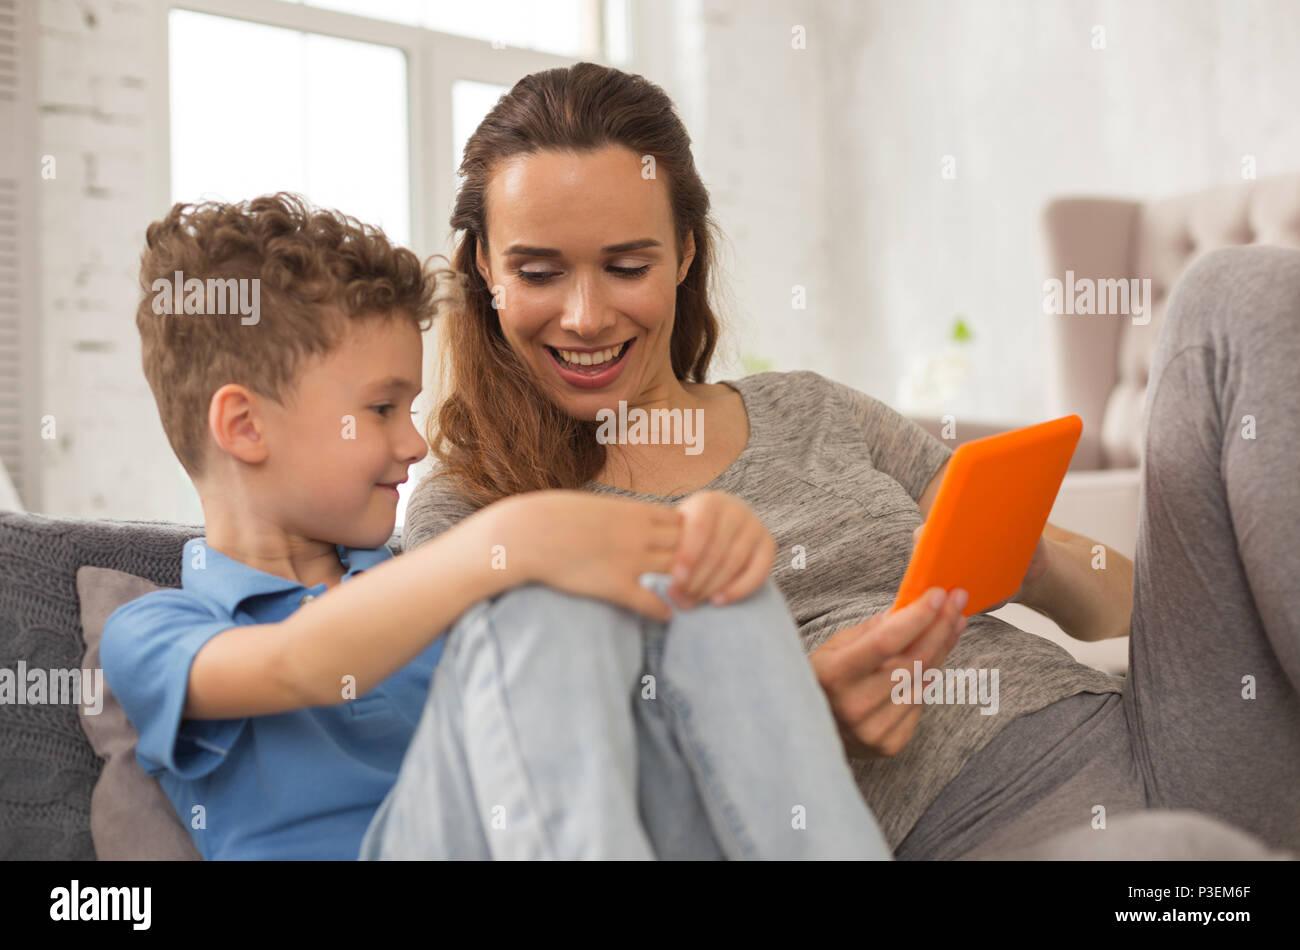 Ridendo madre sorridente largamente mentre raccontano barzellette Immagini Stock